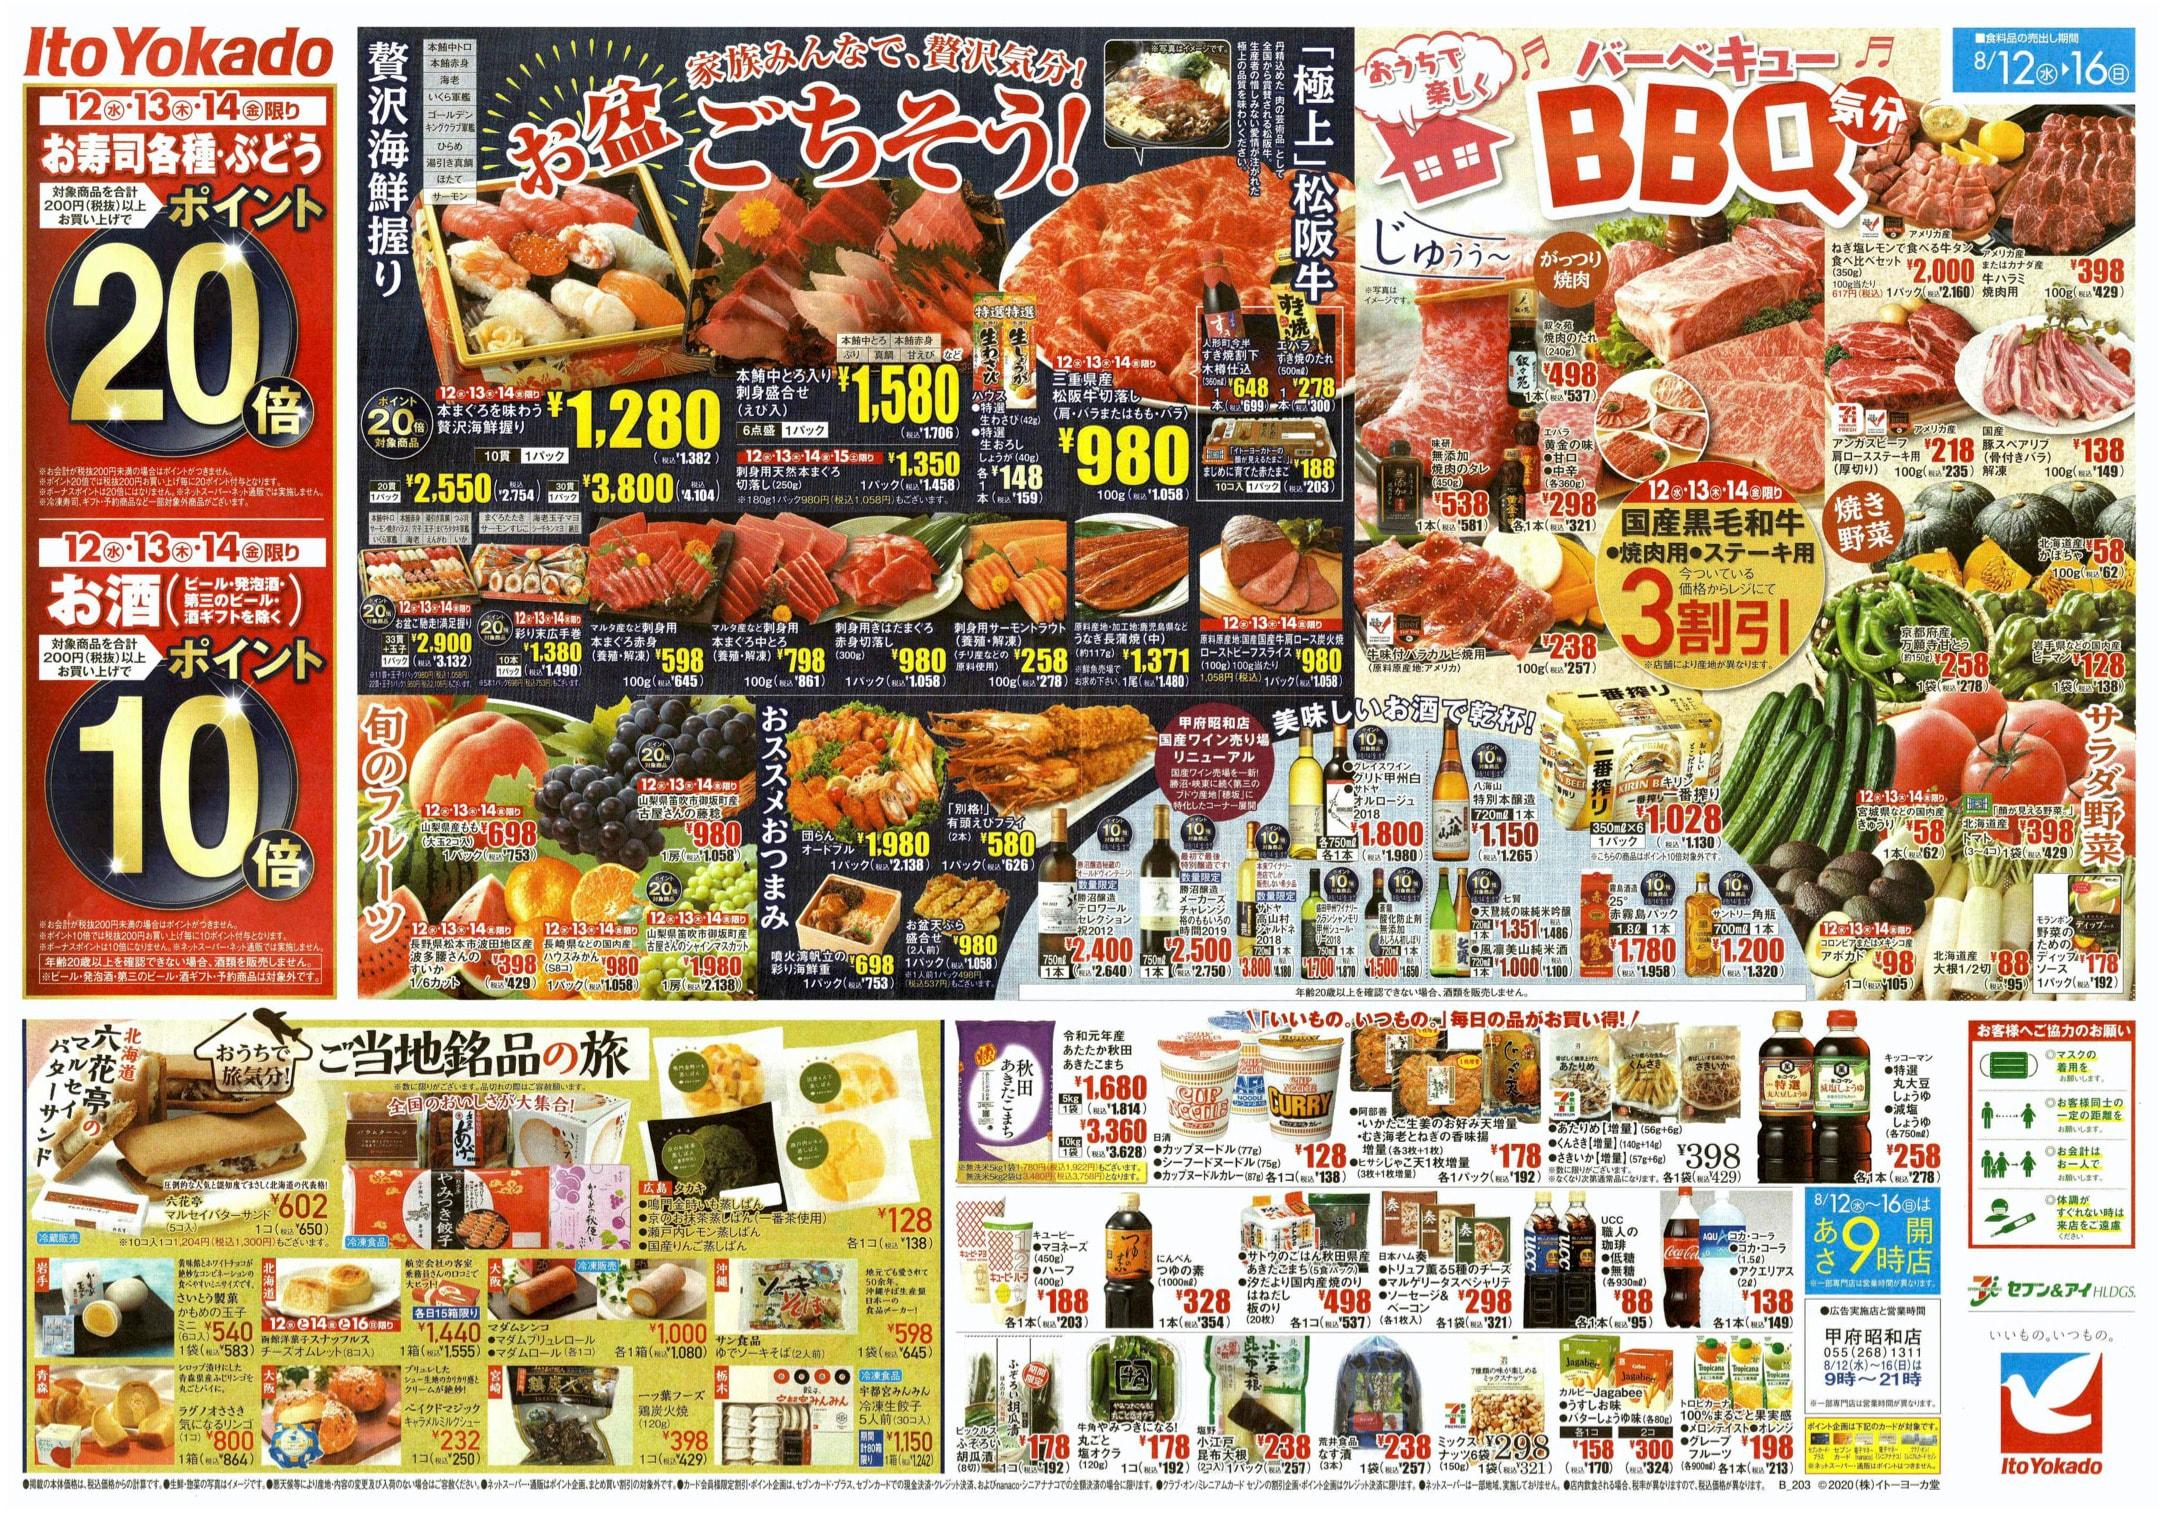 イトーヨーカドー 甲府昭和店